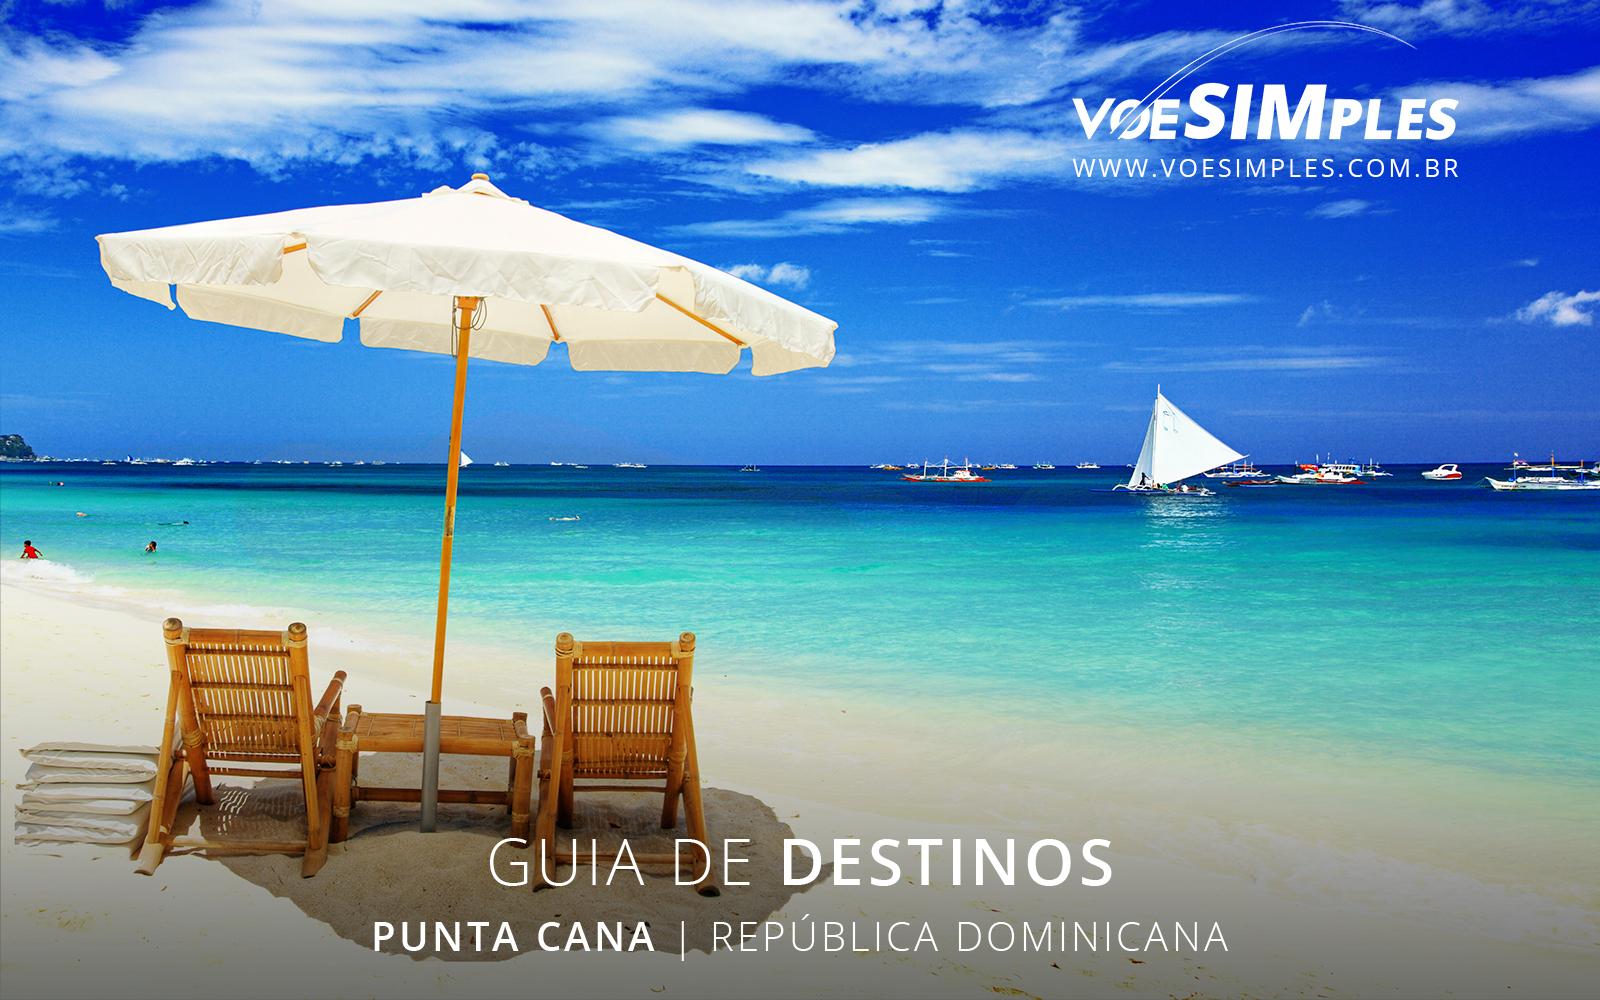 fotos-guia-destinos-voe-simples-punta-cana-caribe-guia-viagens-voesimples-punta-cana-caribe-pontos-turisticos-punta-cana-caribe-fotos-punta-cana-02@2x